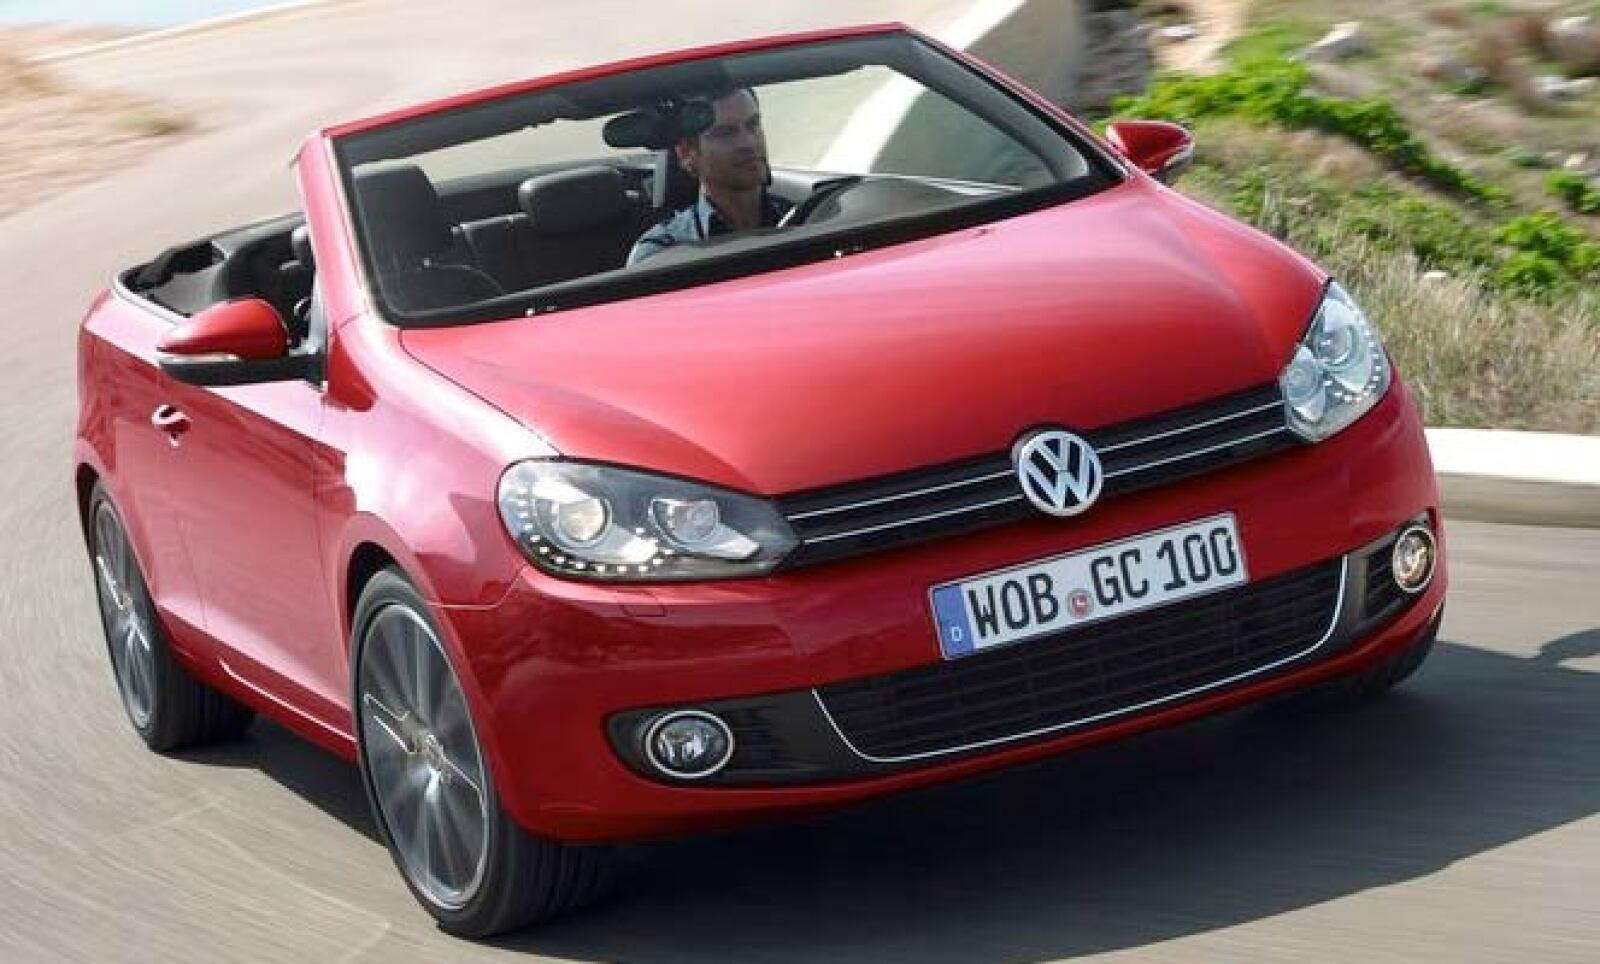 El nuevo Cabriolet de la firma alemana Volkswagen retoma el espíritu deportivo de su modelo Eos, con un diseño más deportivo y enfocado al alto desempeño.